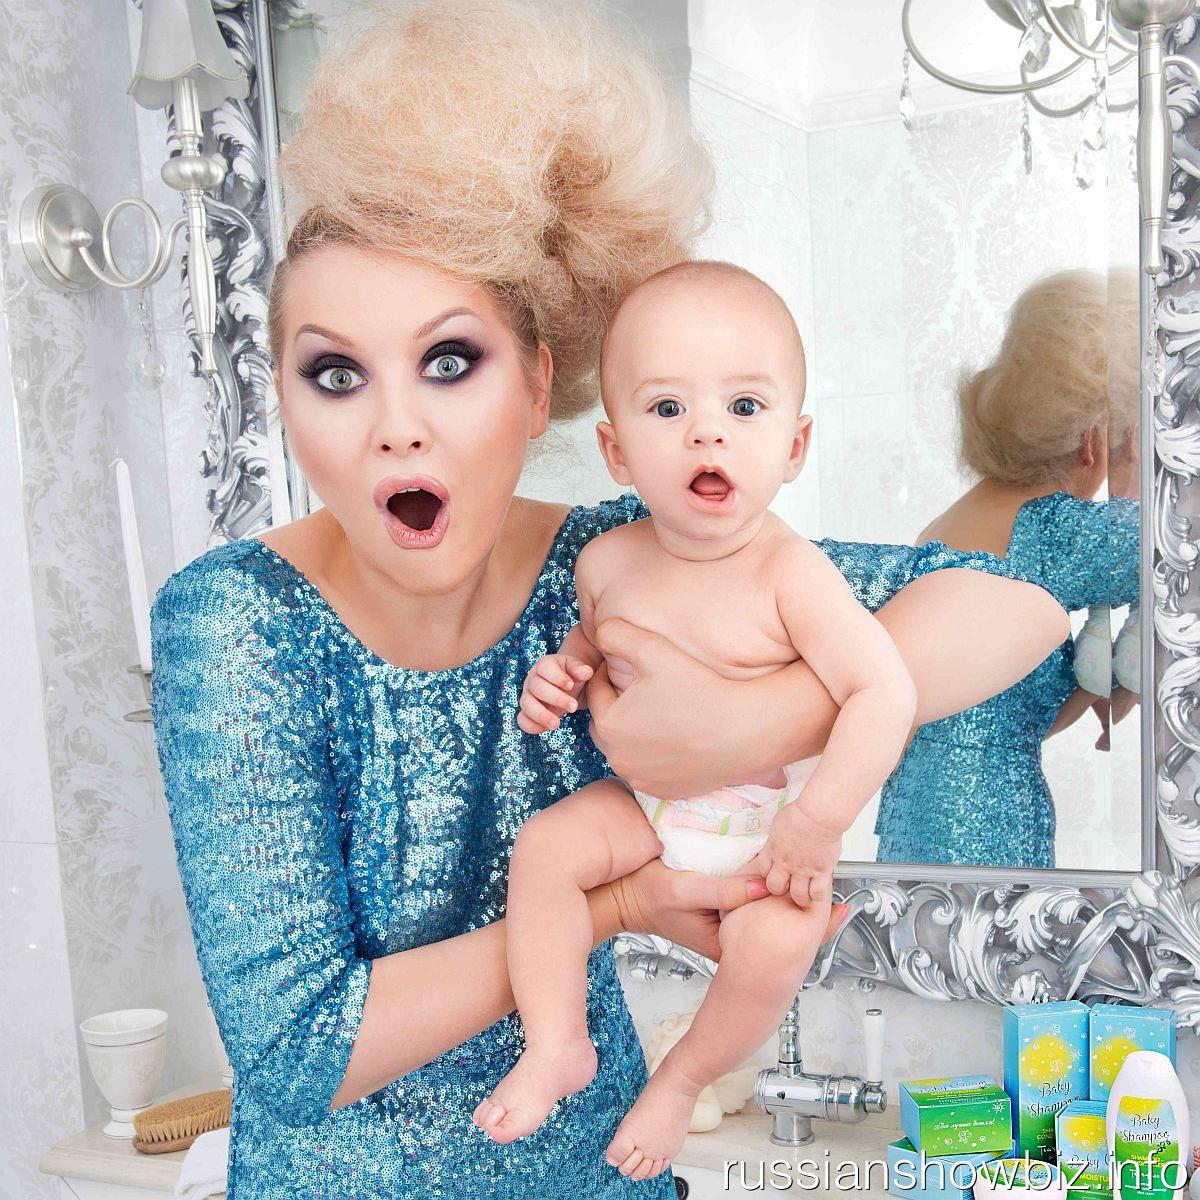 Лена Ленина с младенцем